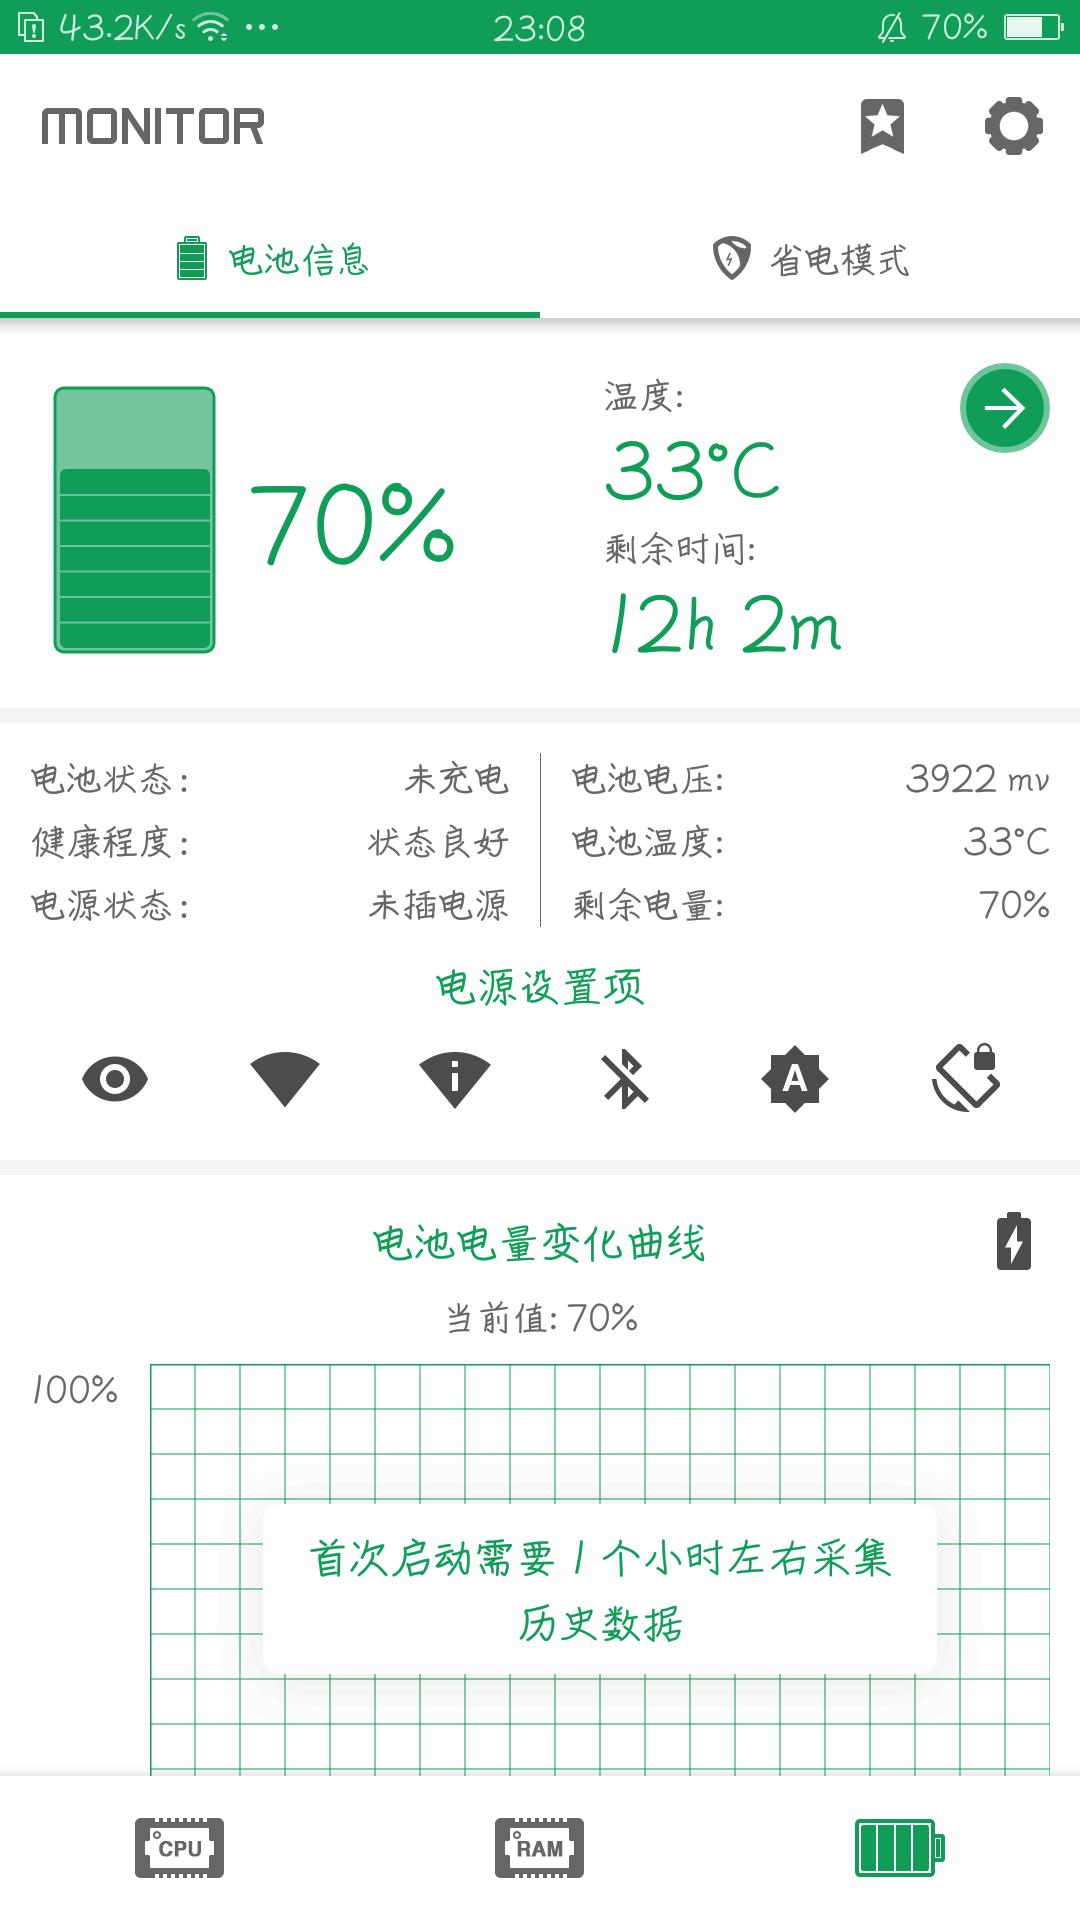 【分享】强力监测 6.2.2-爱小助